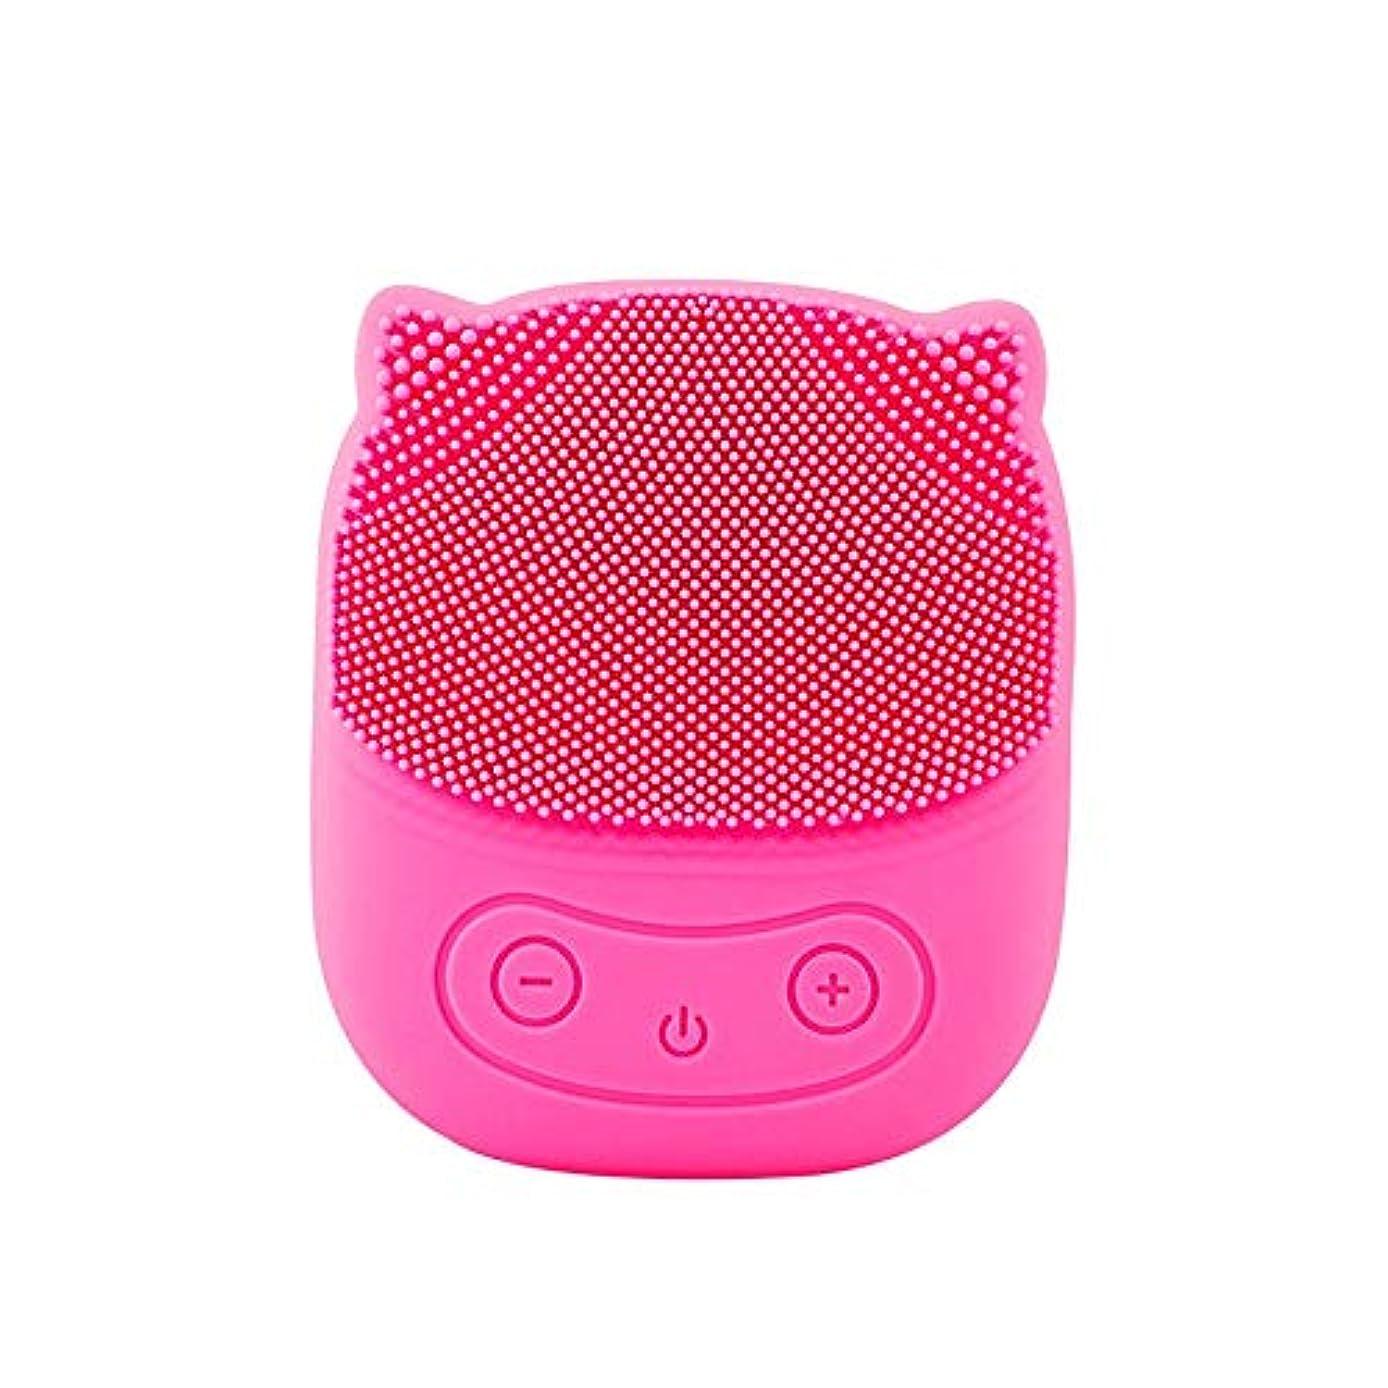 叫び声商業の誕生日防水シリコンクレンジング器具ポアクレンジング振動フェイシャルマッサージ美容器具ウォッシュアーティファクト (Color : Rose red)